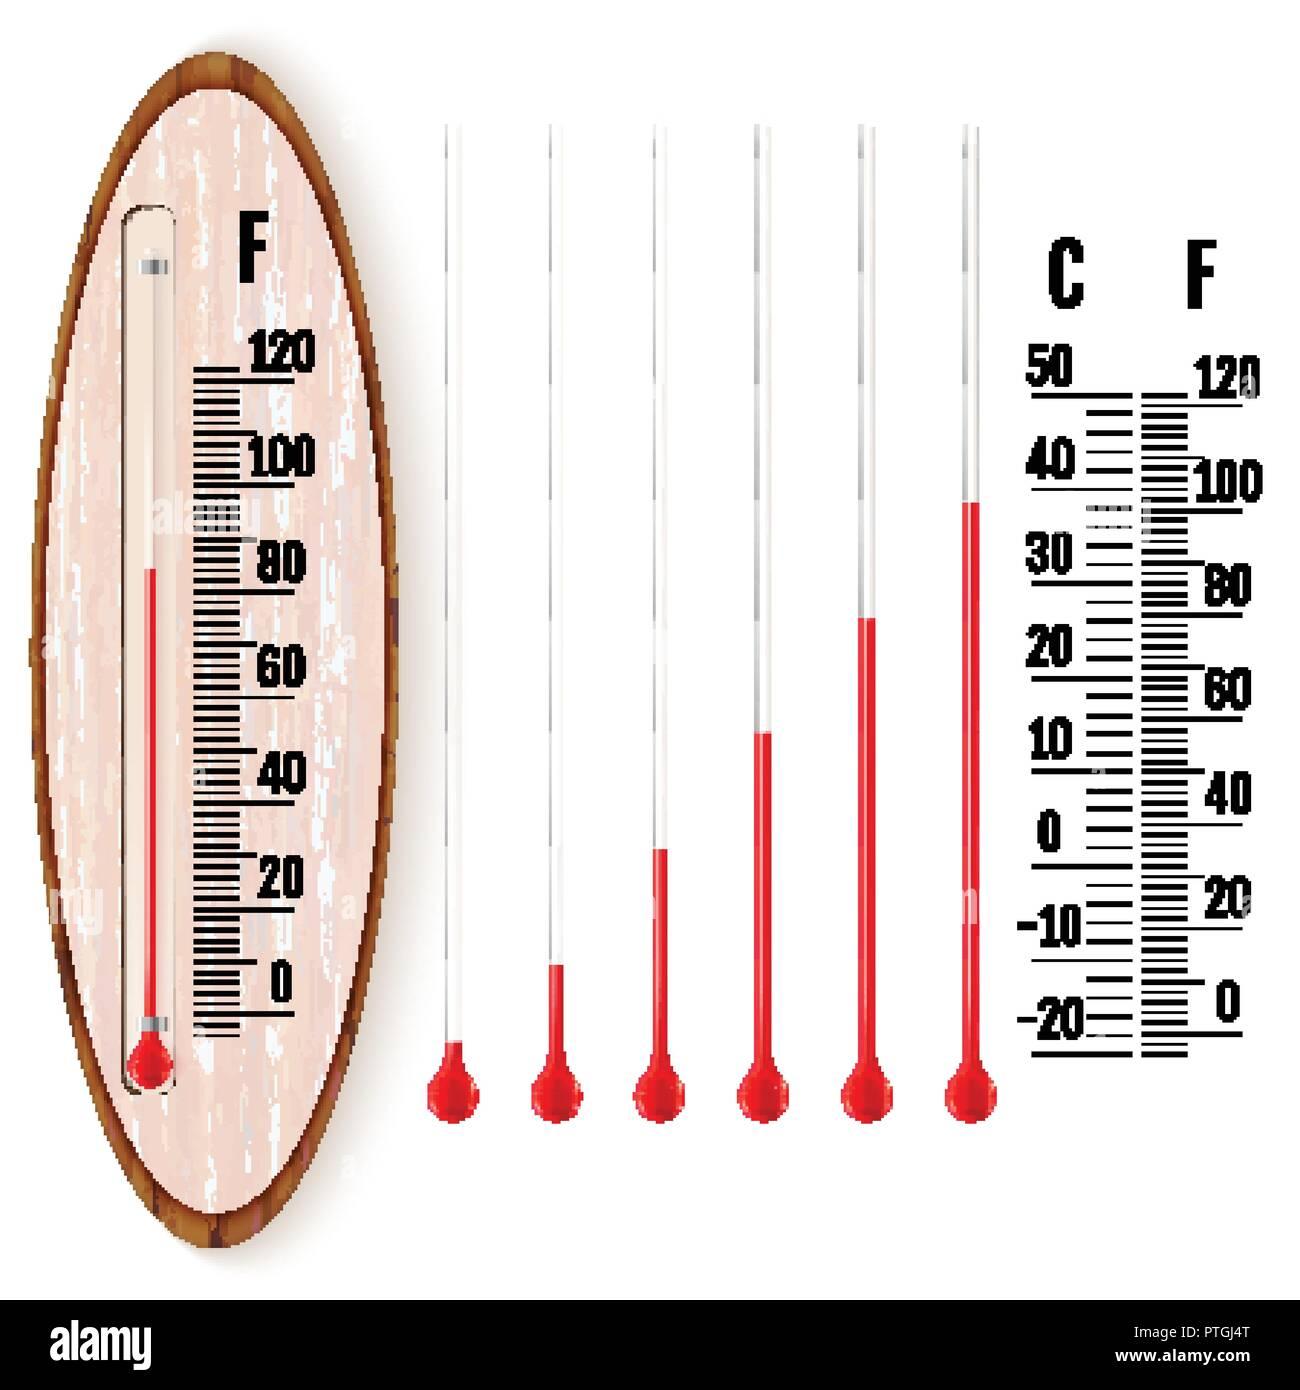 Realistico termometro liquido con gradi Celsius e Fahrenheit scale ...